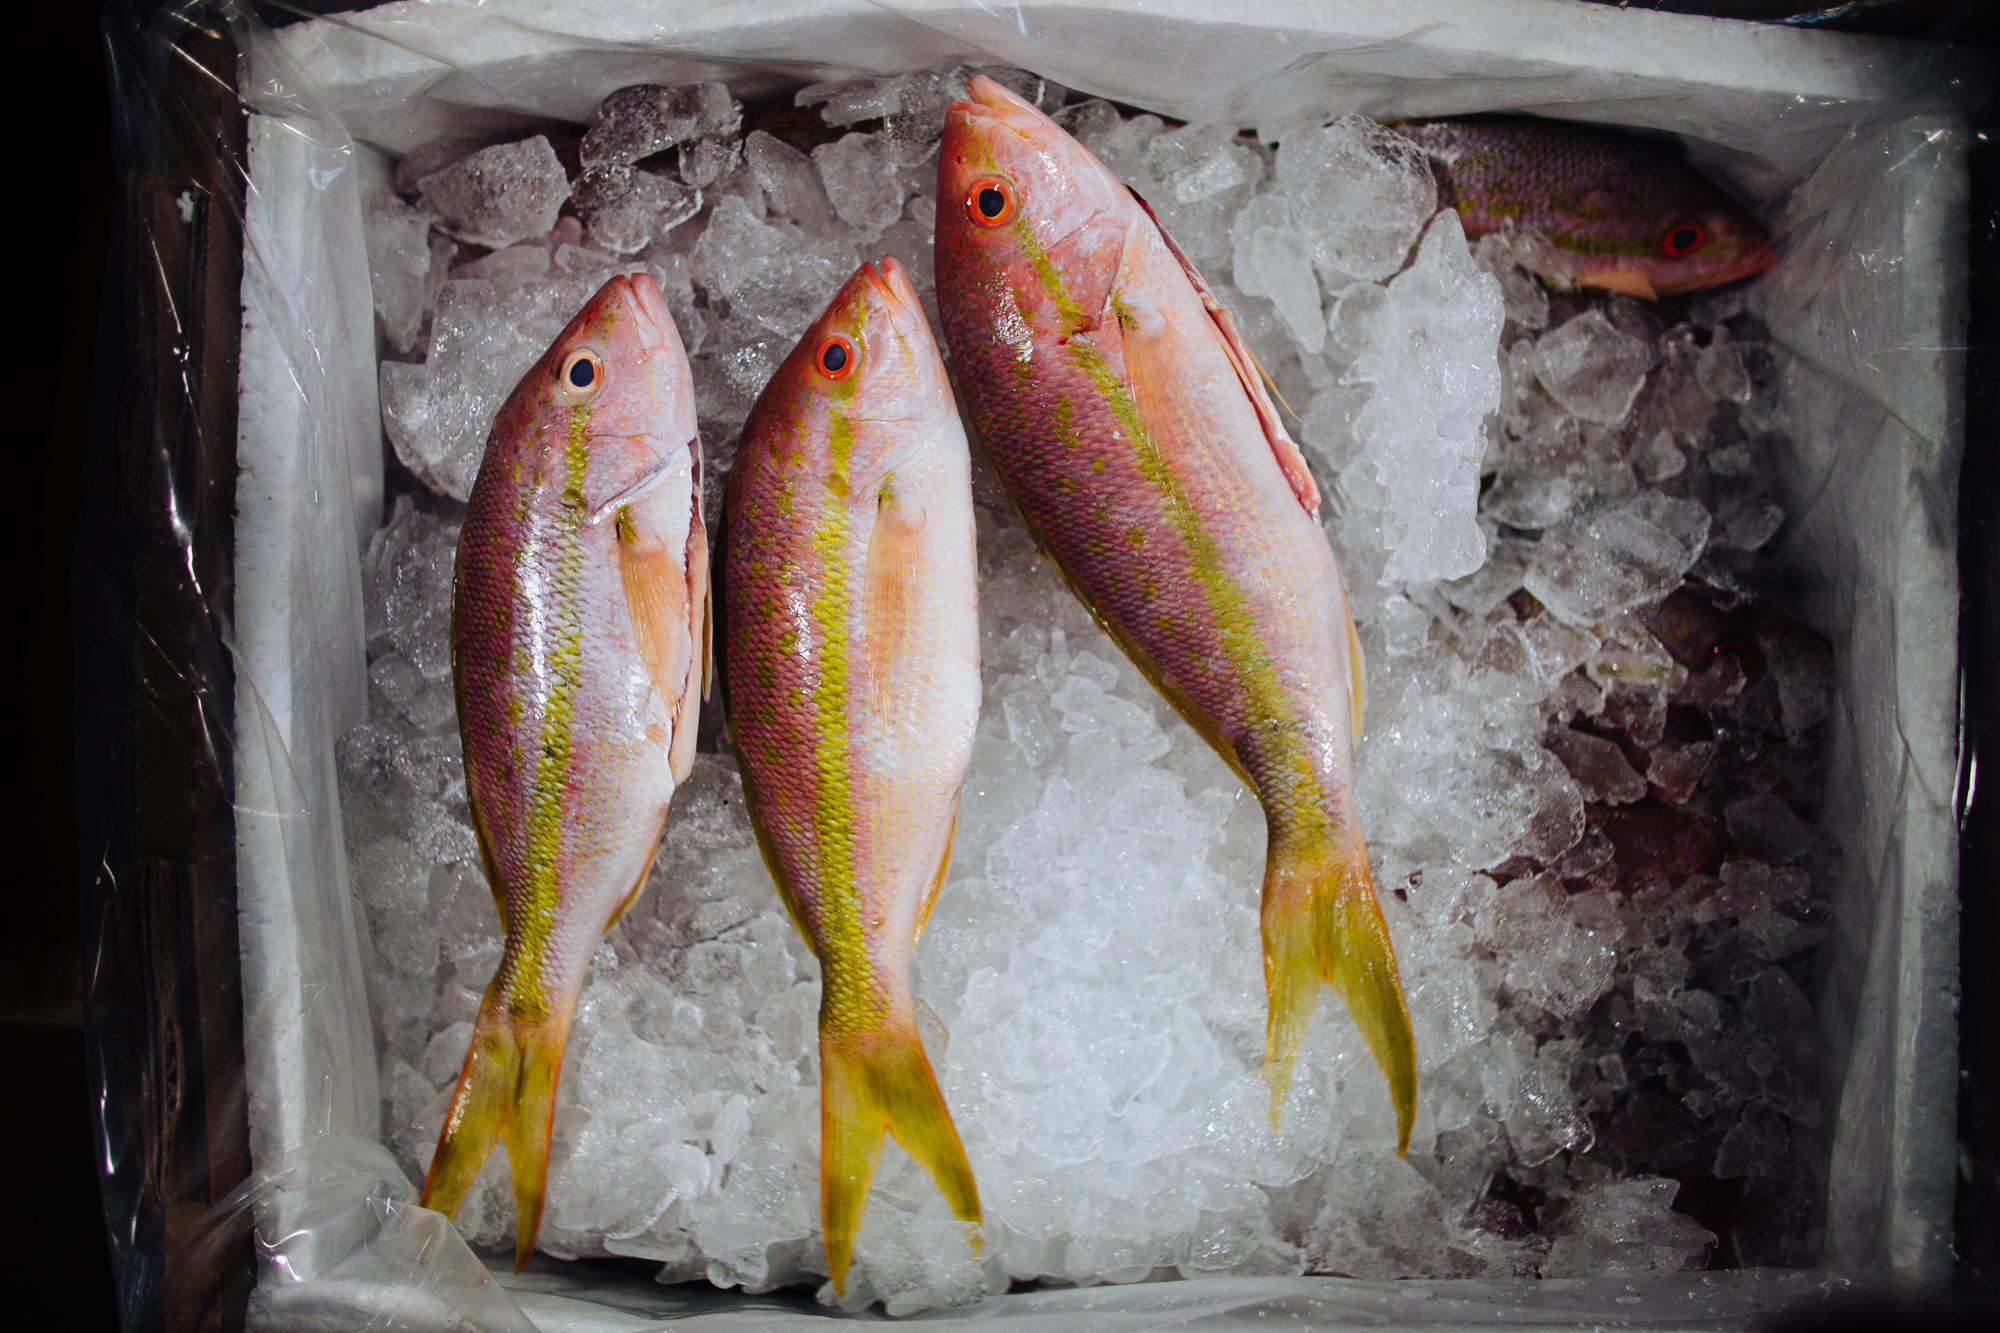 HeatherPhelpsLipton-Fish-HuntsPoint-FultonFishMarket-62.jpg